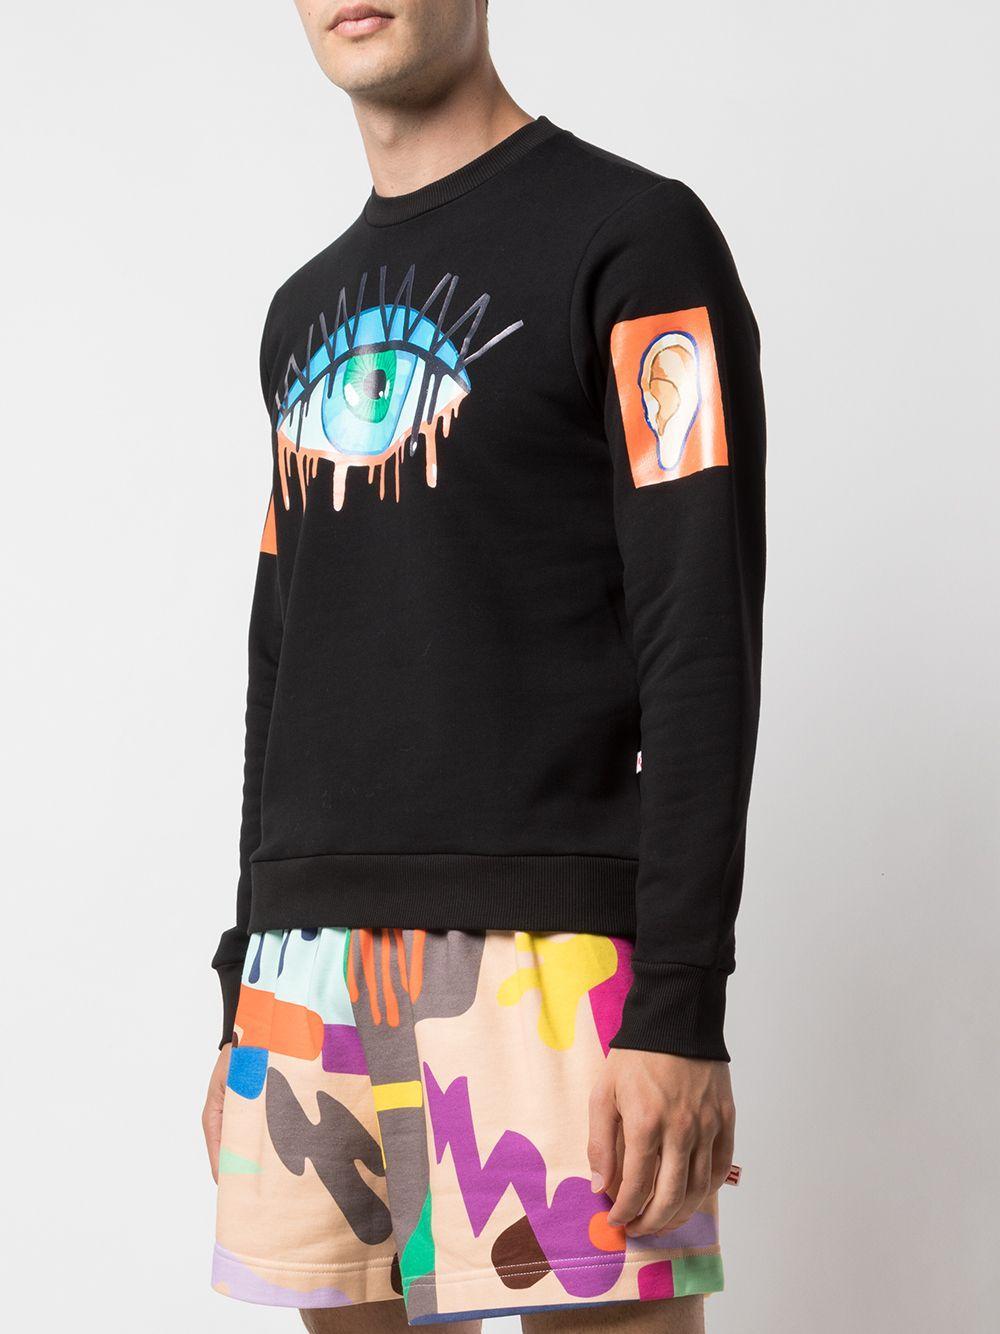 Walter Van Beirendonck Katoen Sweater Met Print in het Zwart voor heren